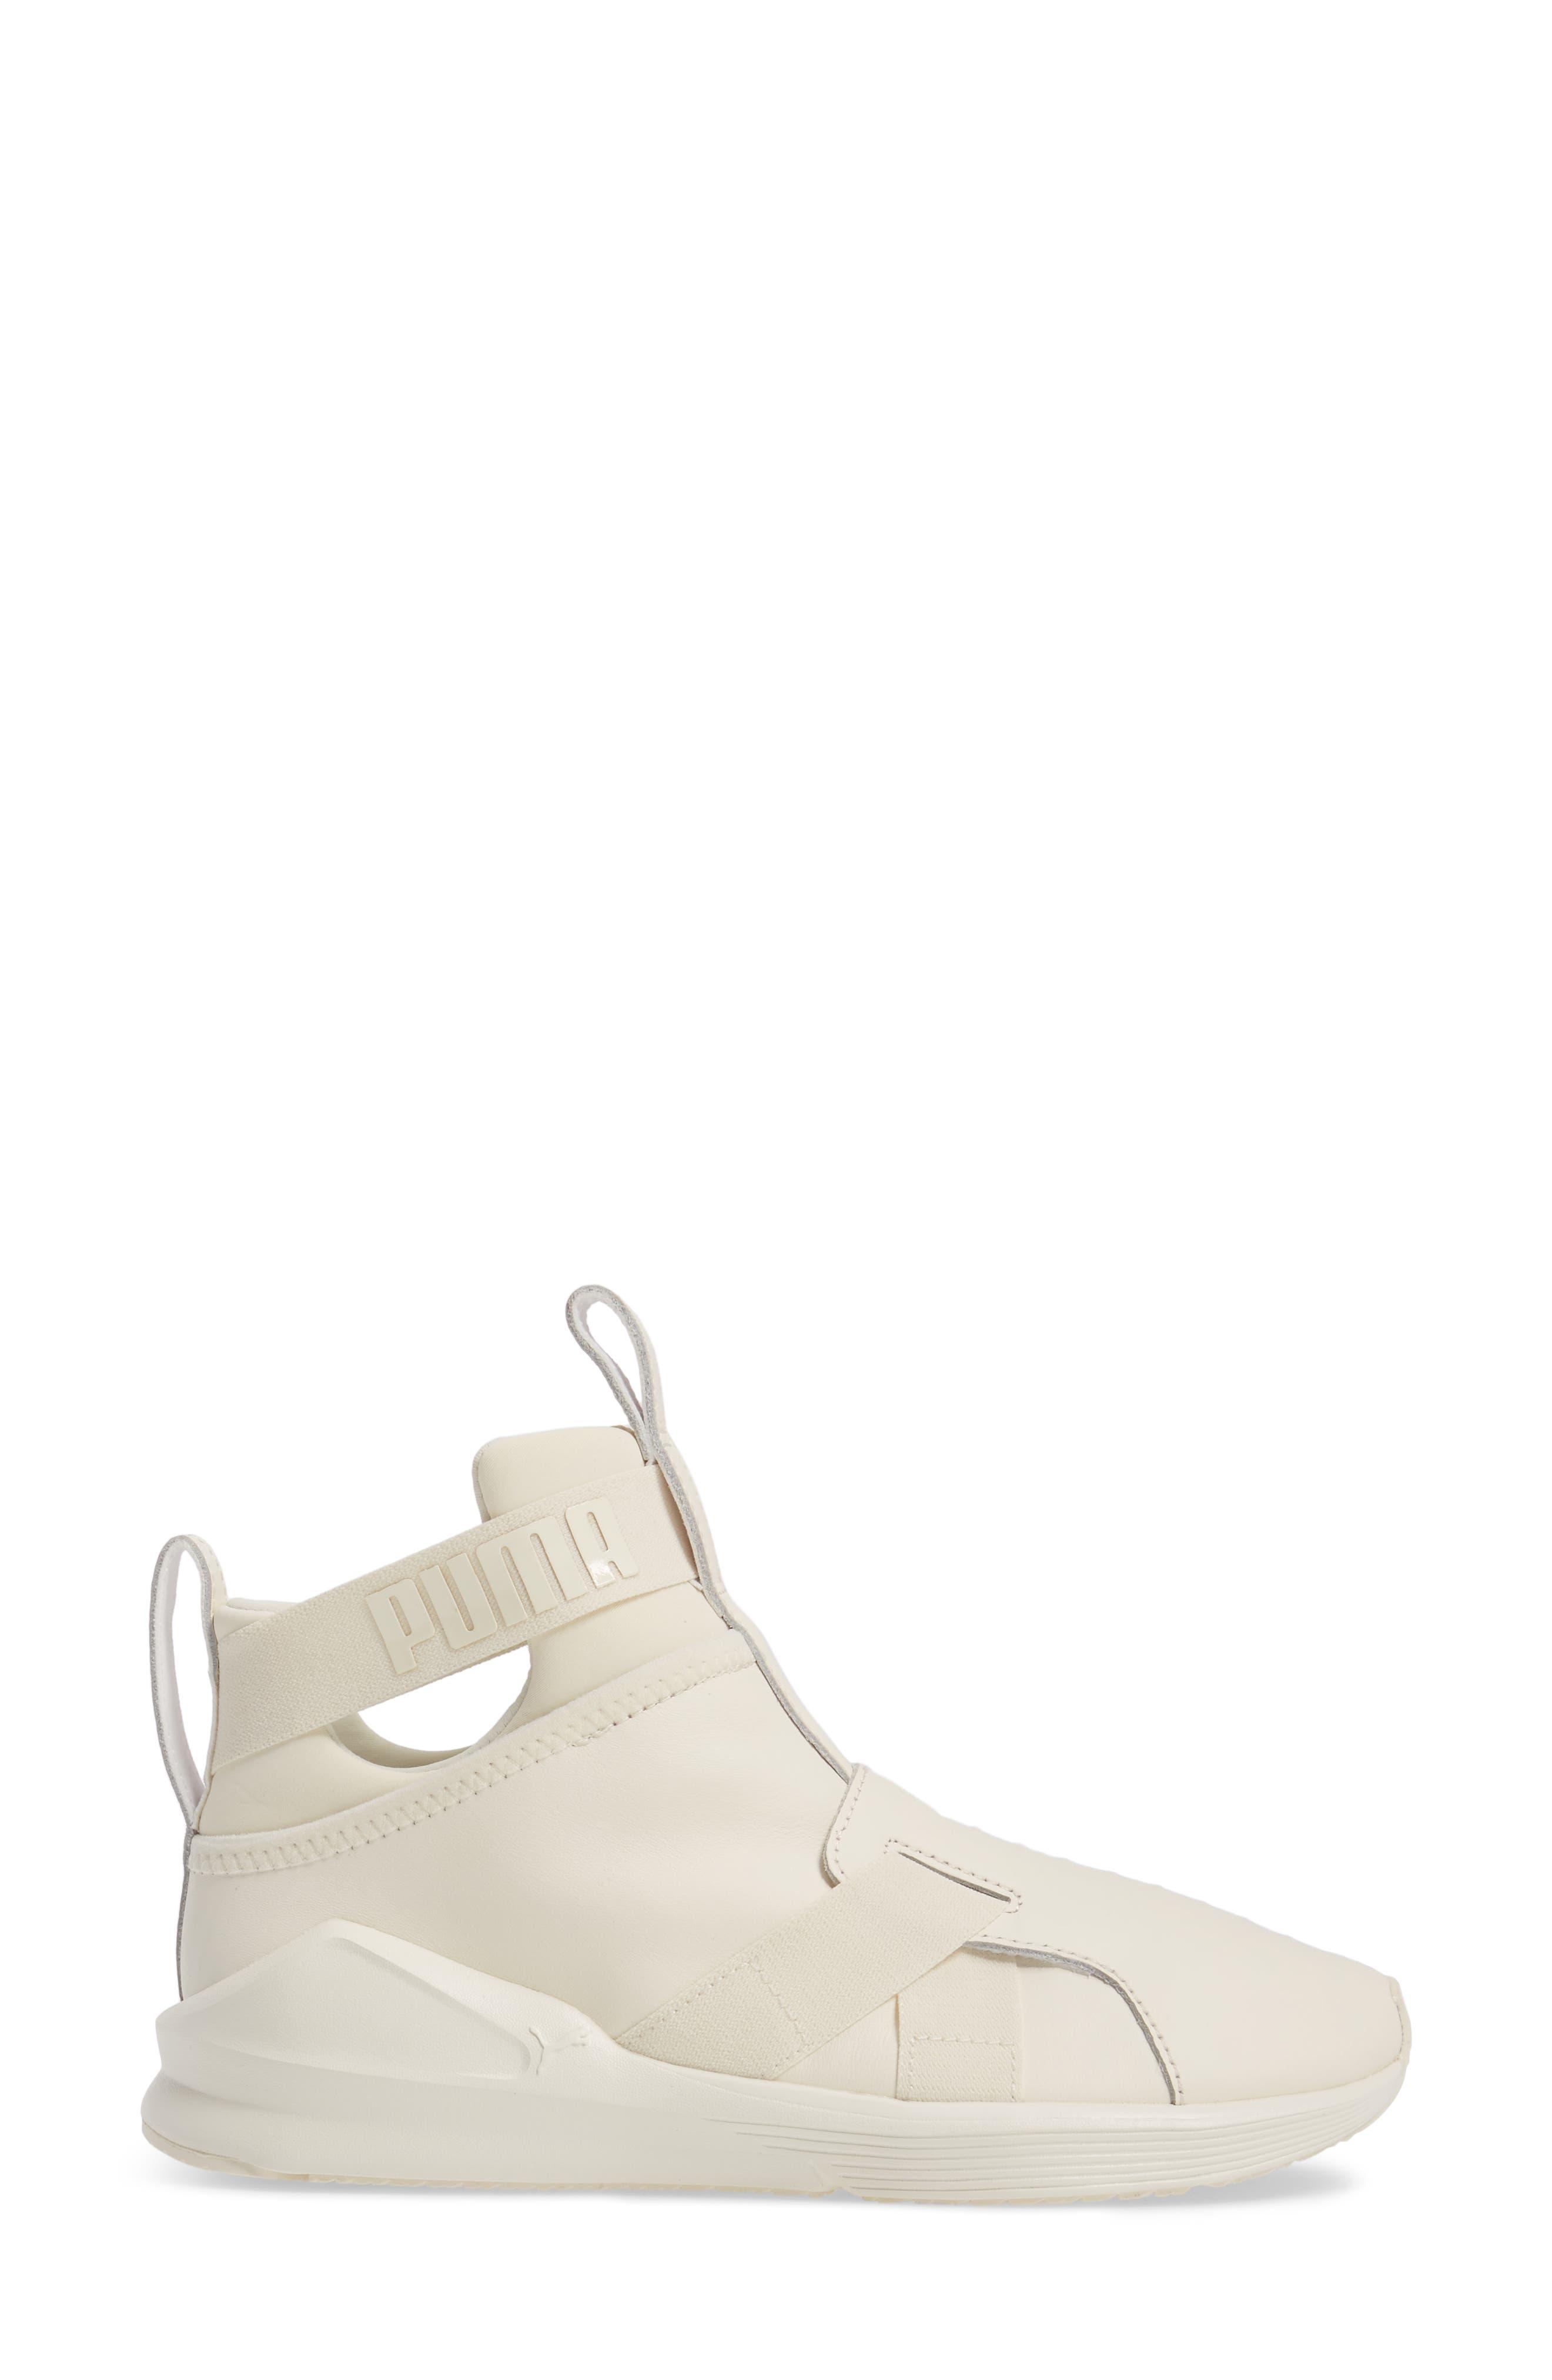 Alternate Image 3  - PUMA Fierce Strap Training Sneaker (Women)